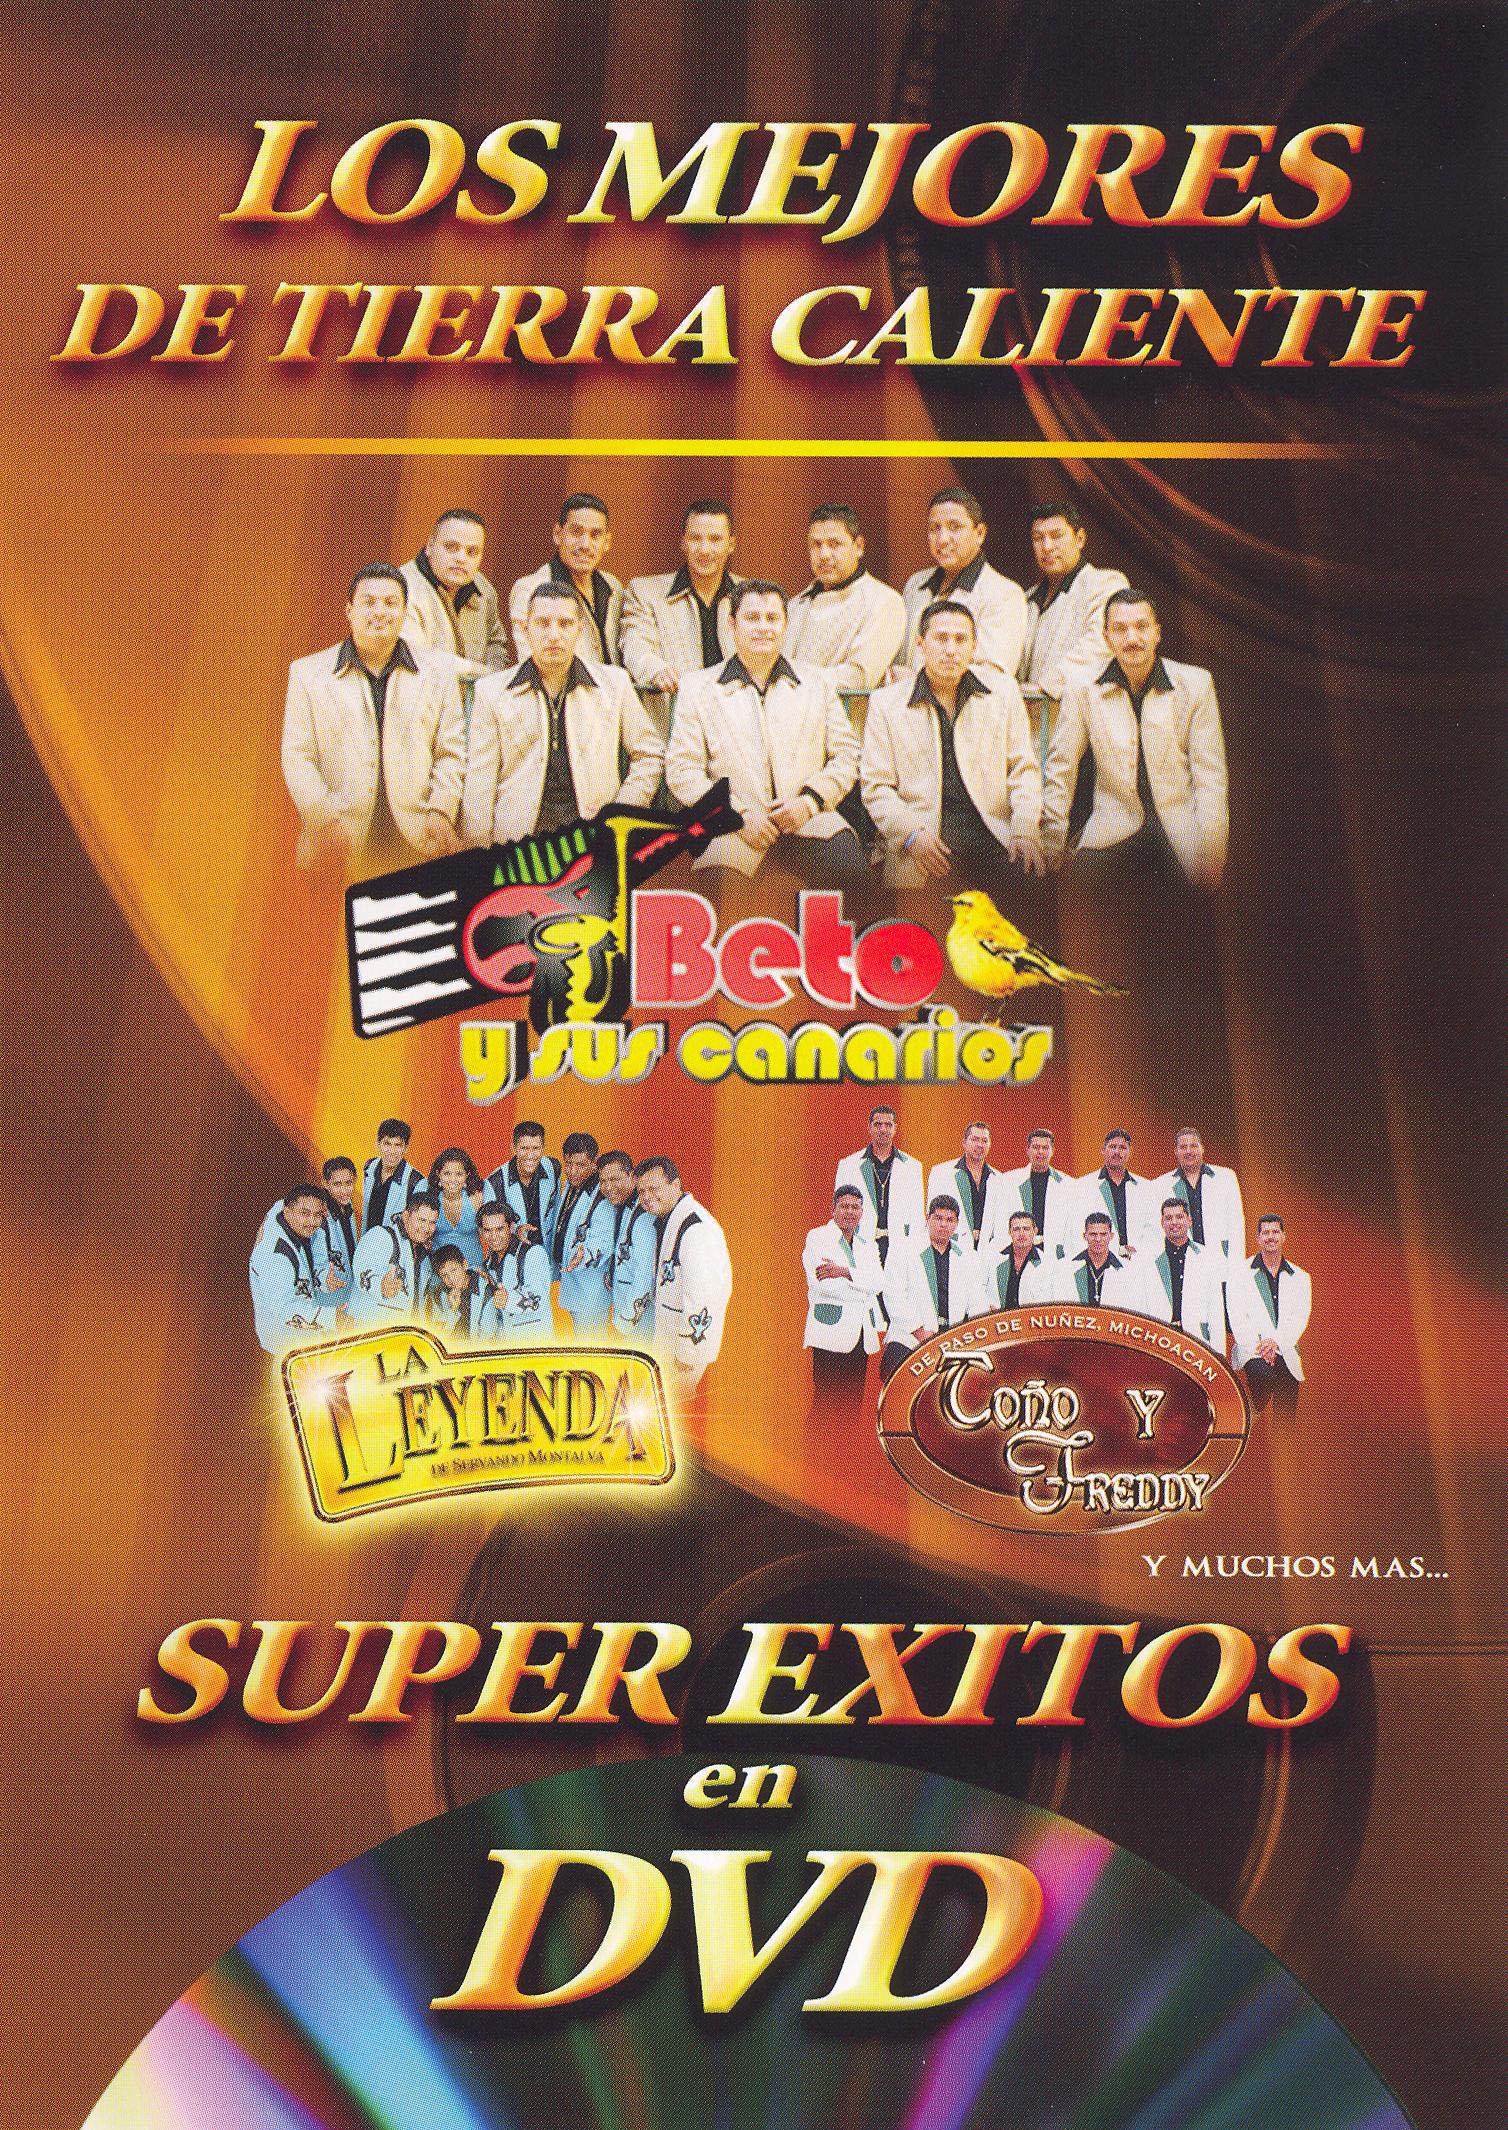 Super Exitos en DVD: Tierra Caliente